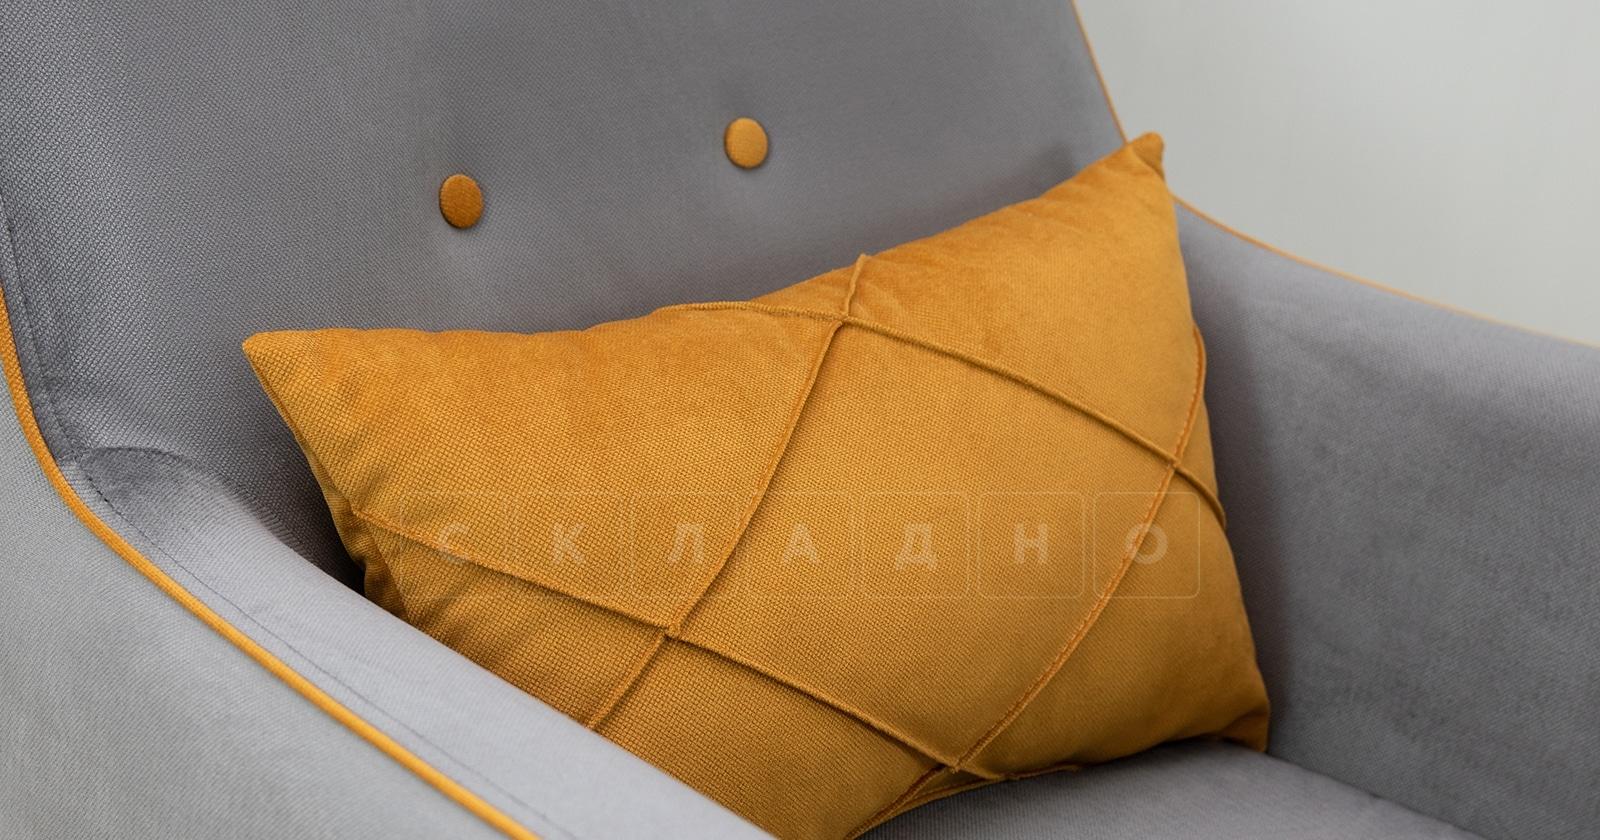 Кресло для отдыха Флэтфорд кварцевый серый фото 7   интернет-магазин Складно